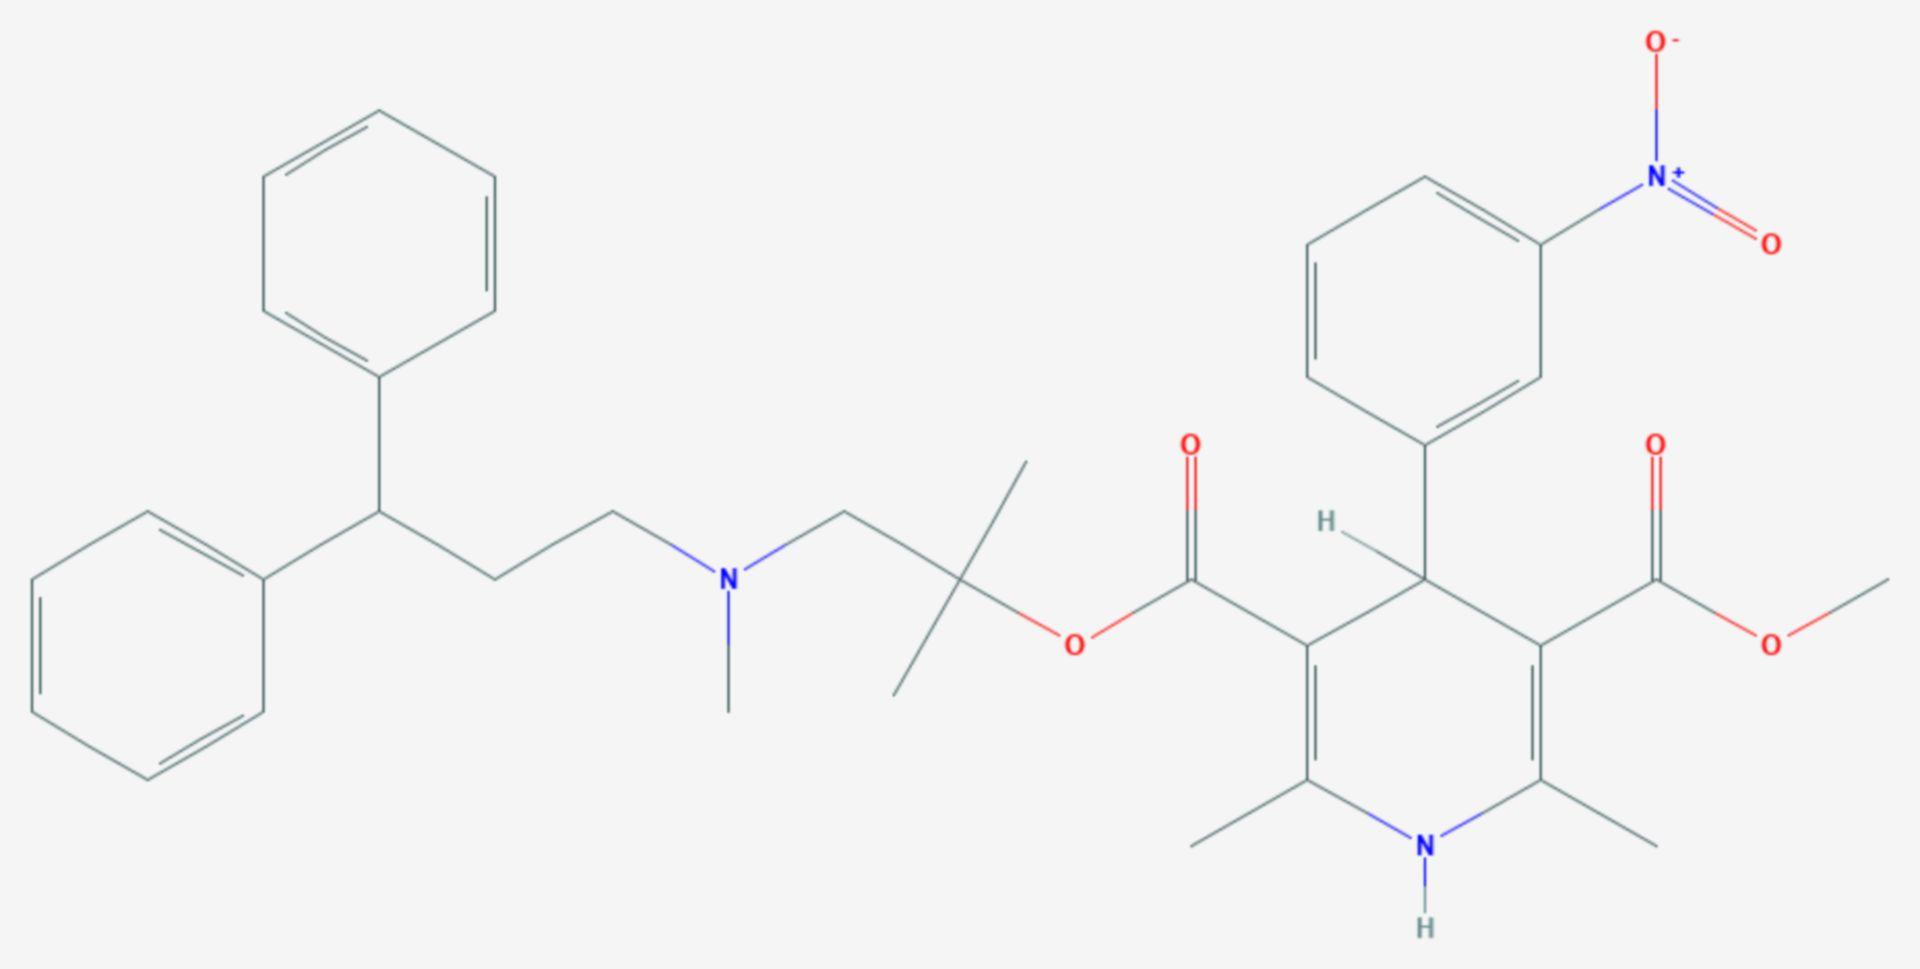 Lercanidipin (Strukturformel)